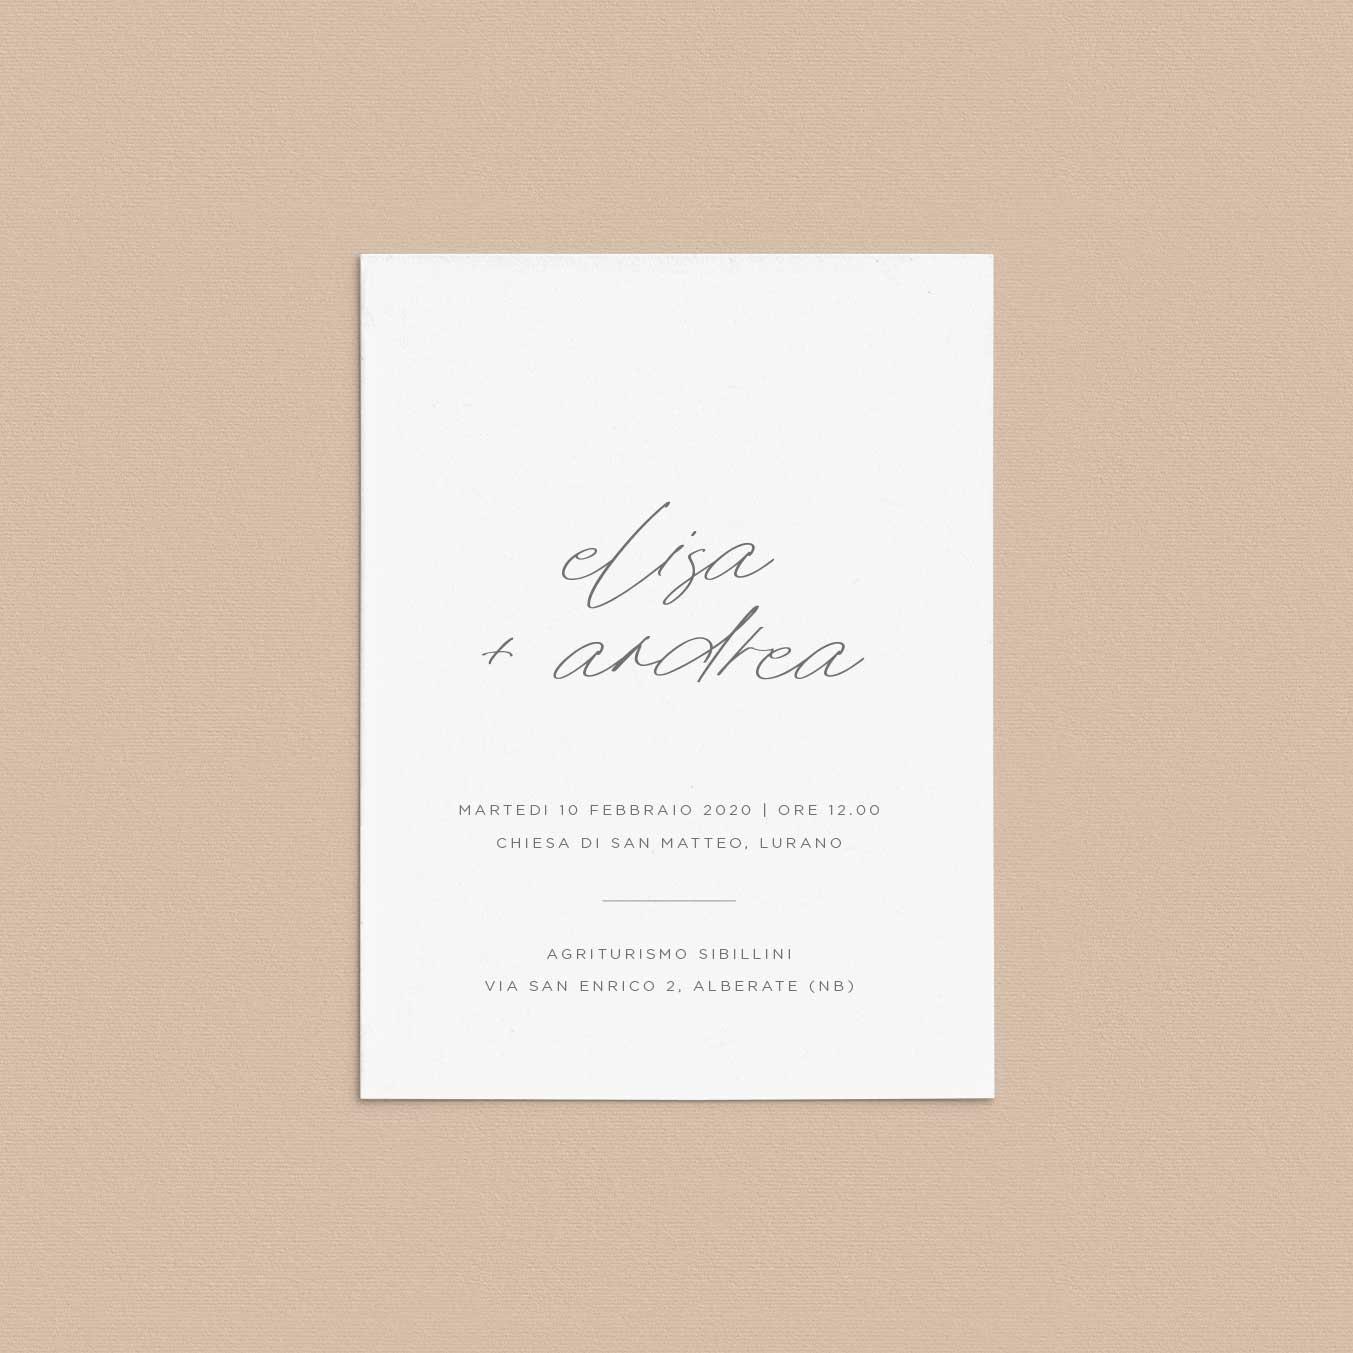 Inviti-partecipazioni-corsivo-moderno-calligrafico-esempi-modelli-catalogo-total-white-semplice